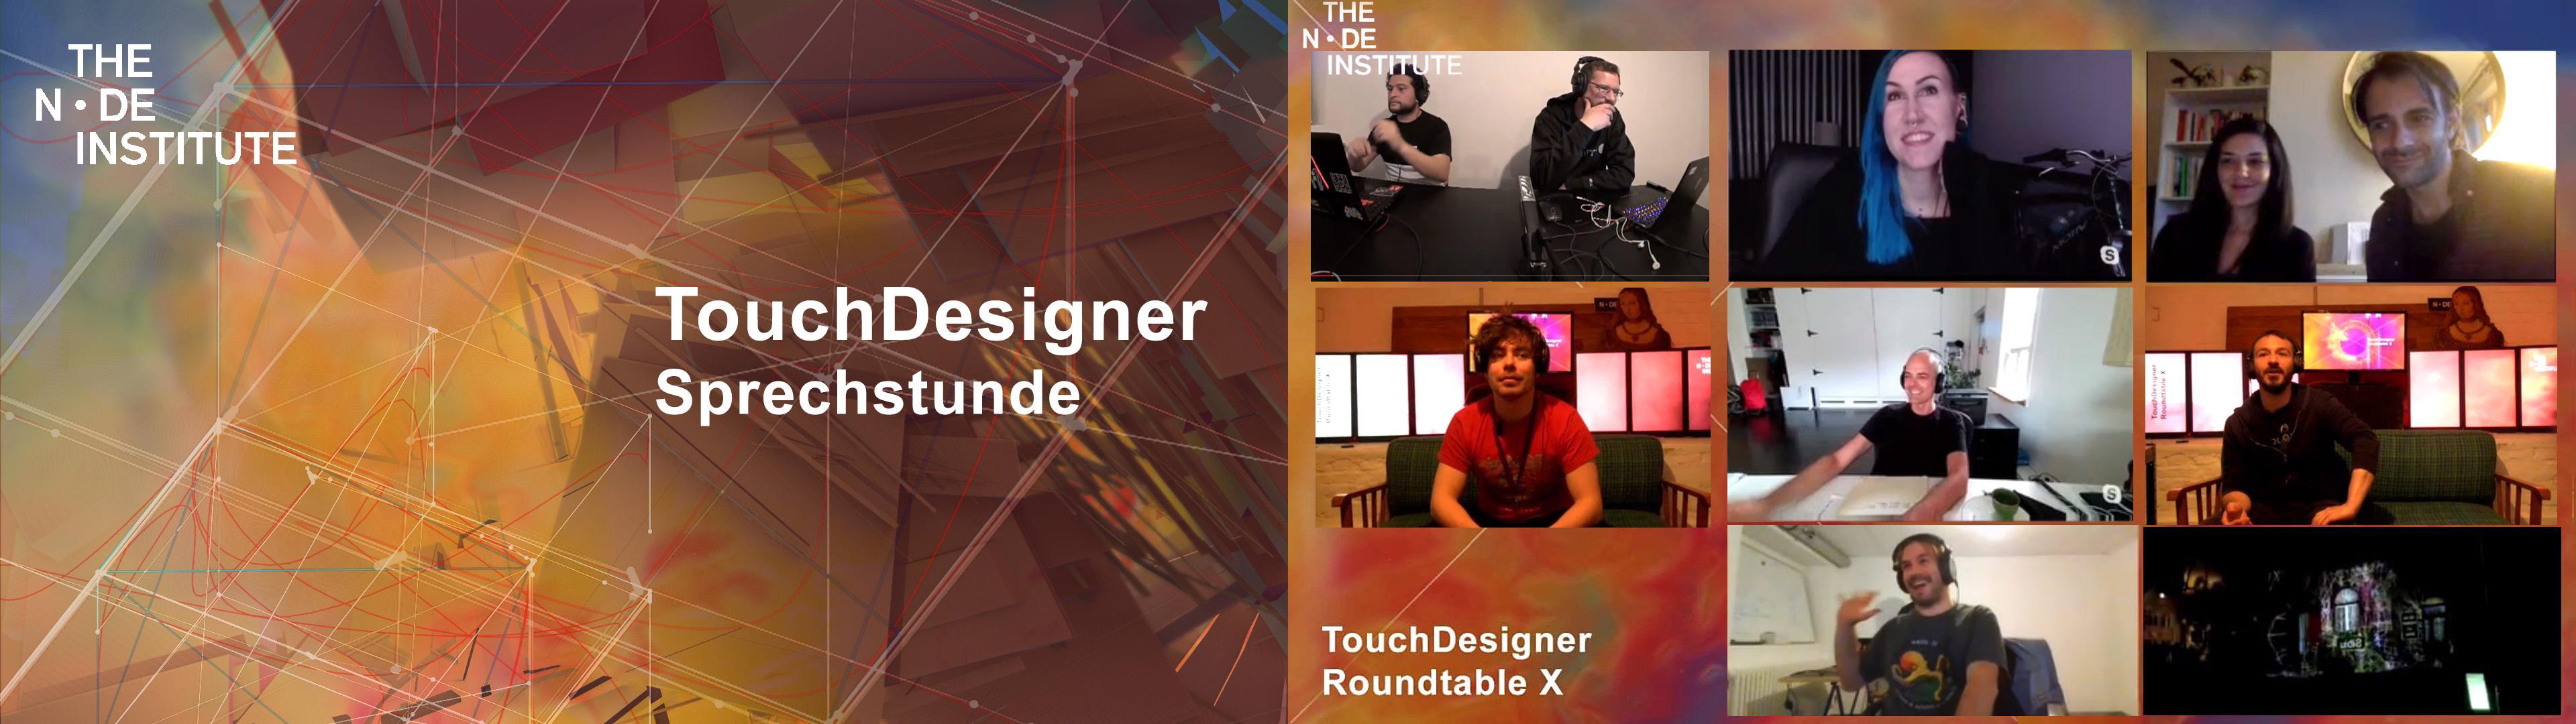 TouchDesigner_Social.jpg